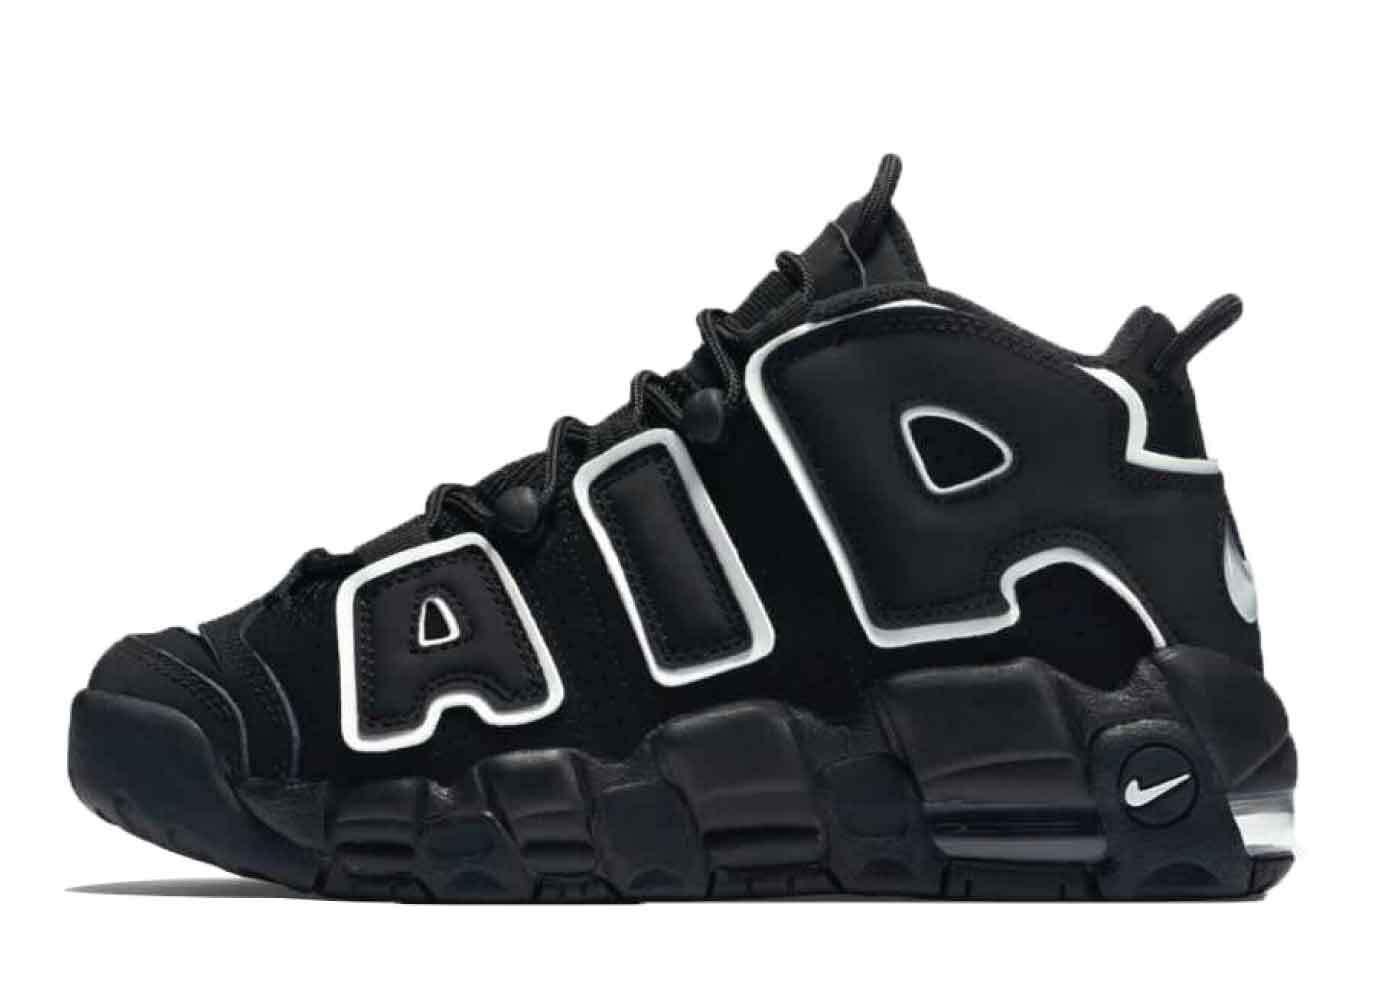 Nike Air More Uptempo Black GS (2020)の写真